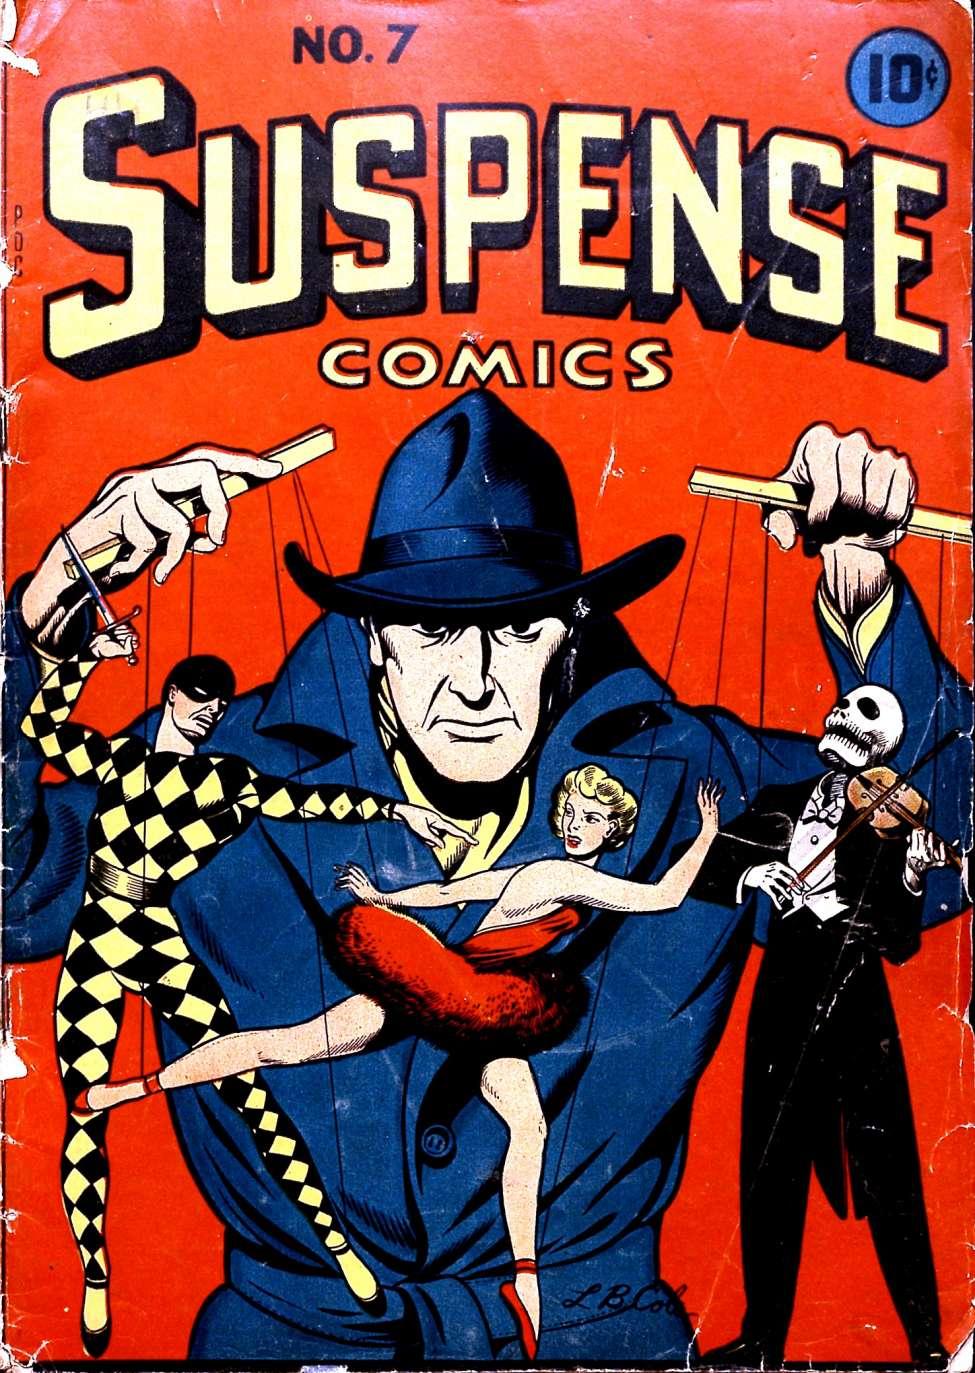 Suspense Comics #7, Continental